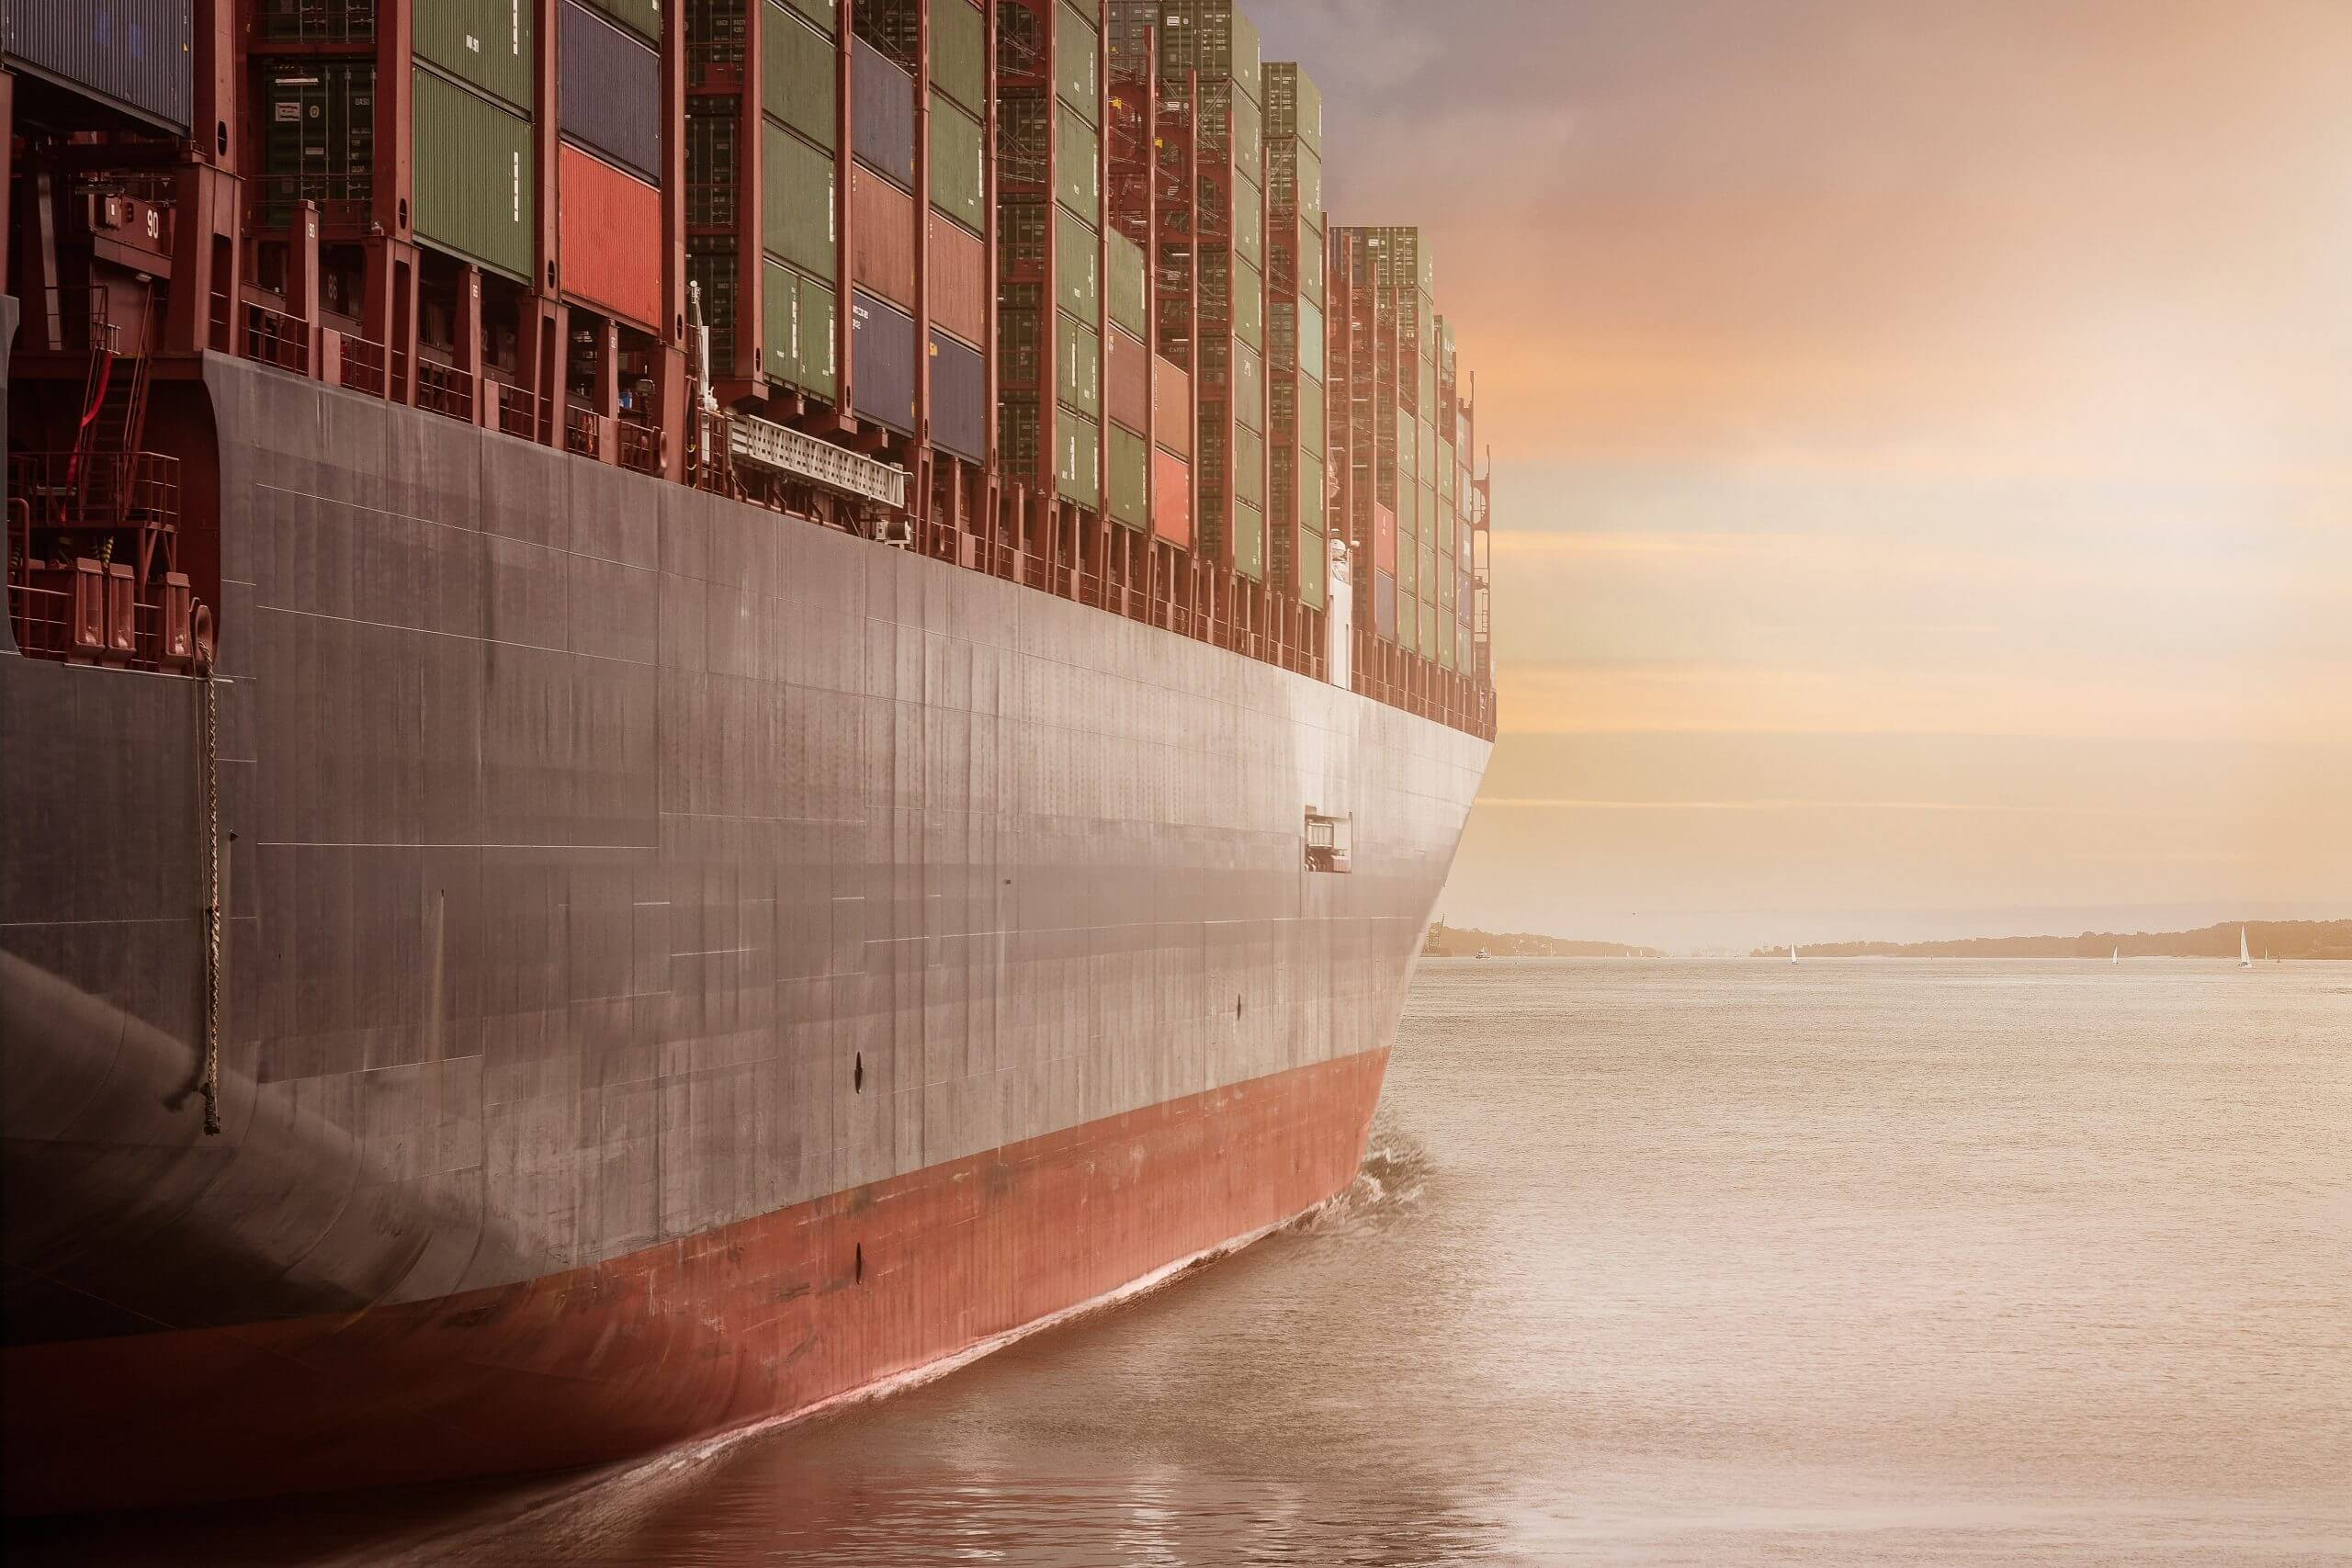 新貿易時代:面對全球商貿變革,你準備好戰略了嗎?